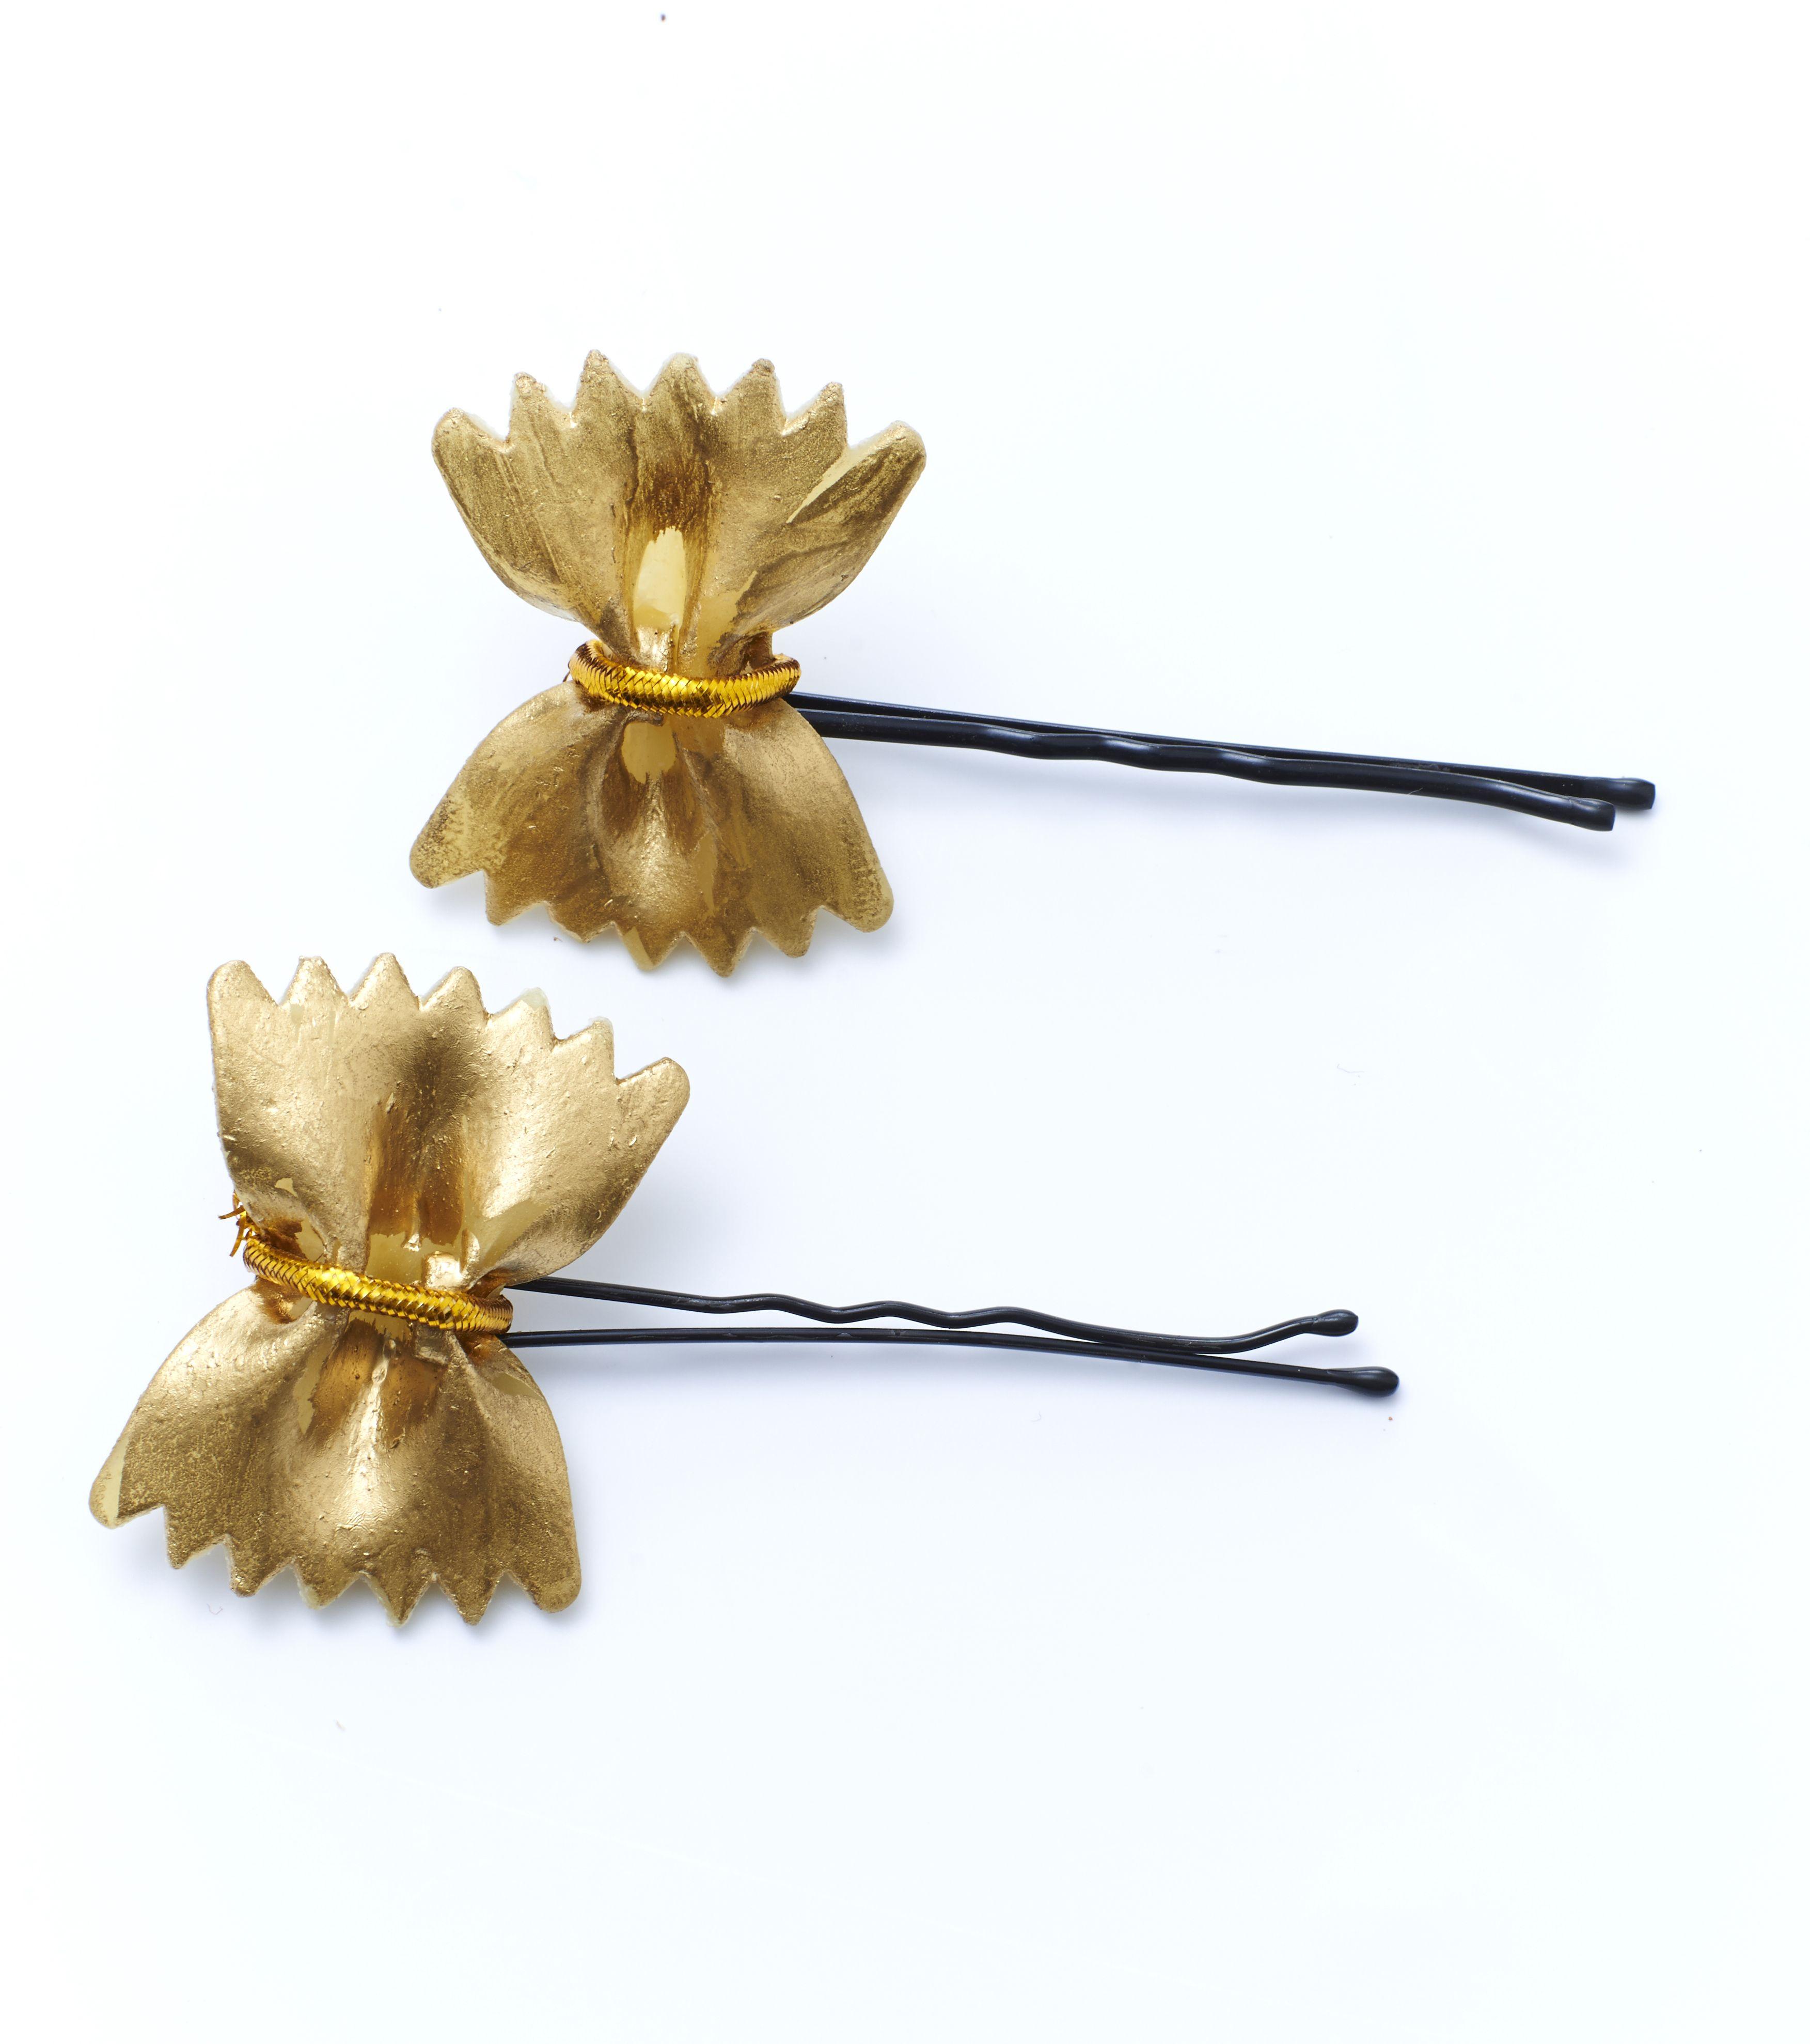 DIY Pastavlinder goud verven en met een draadje vast maken aan een speldje #Allesvoor #Eropuit! #Sieraadvoorhethaar #Moederdag #DIY